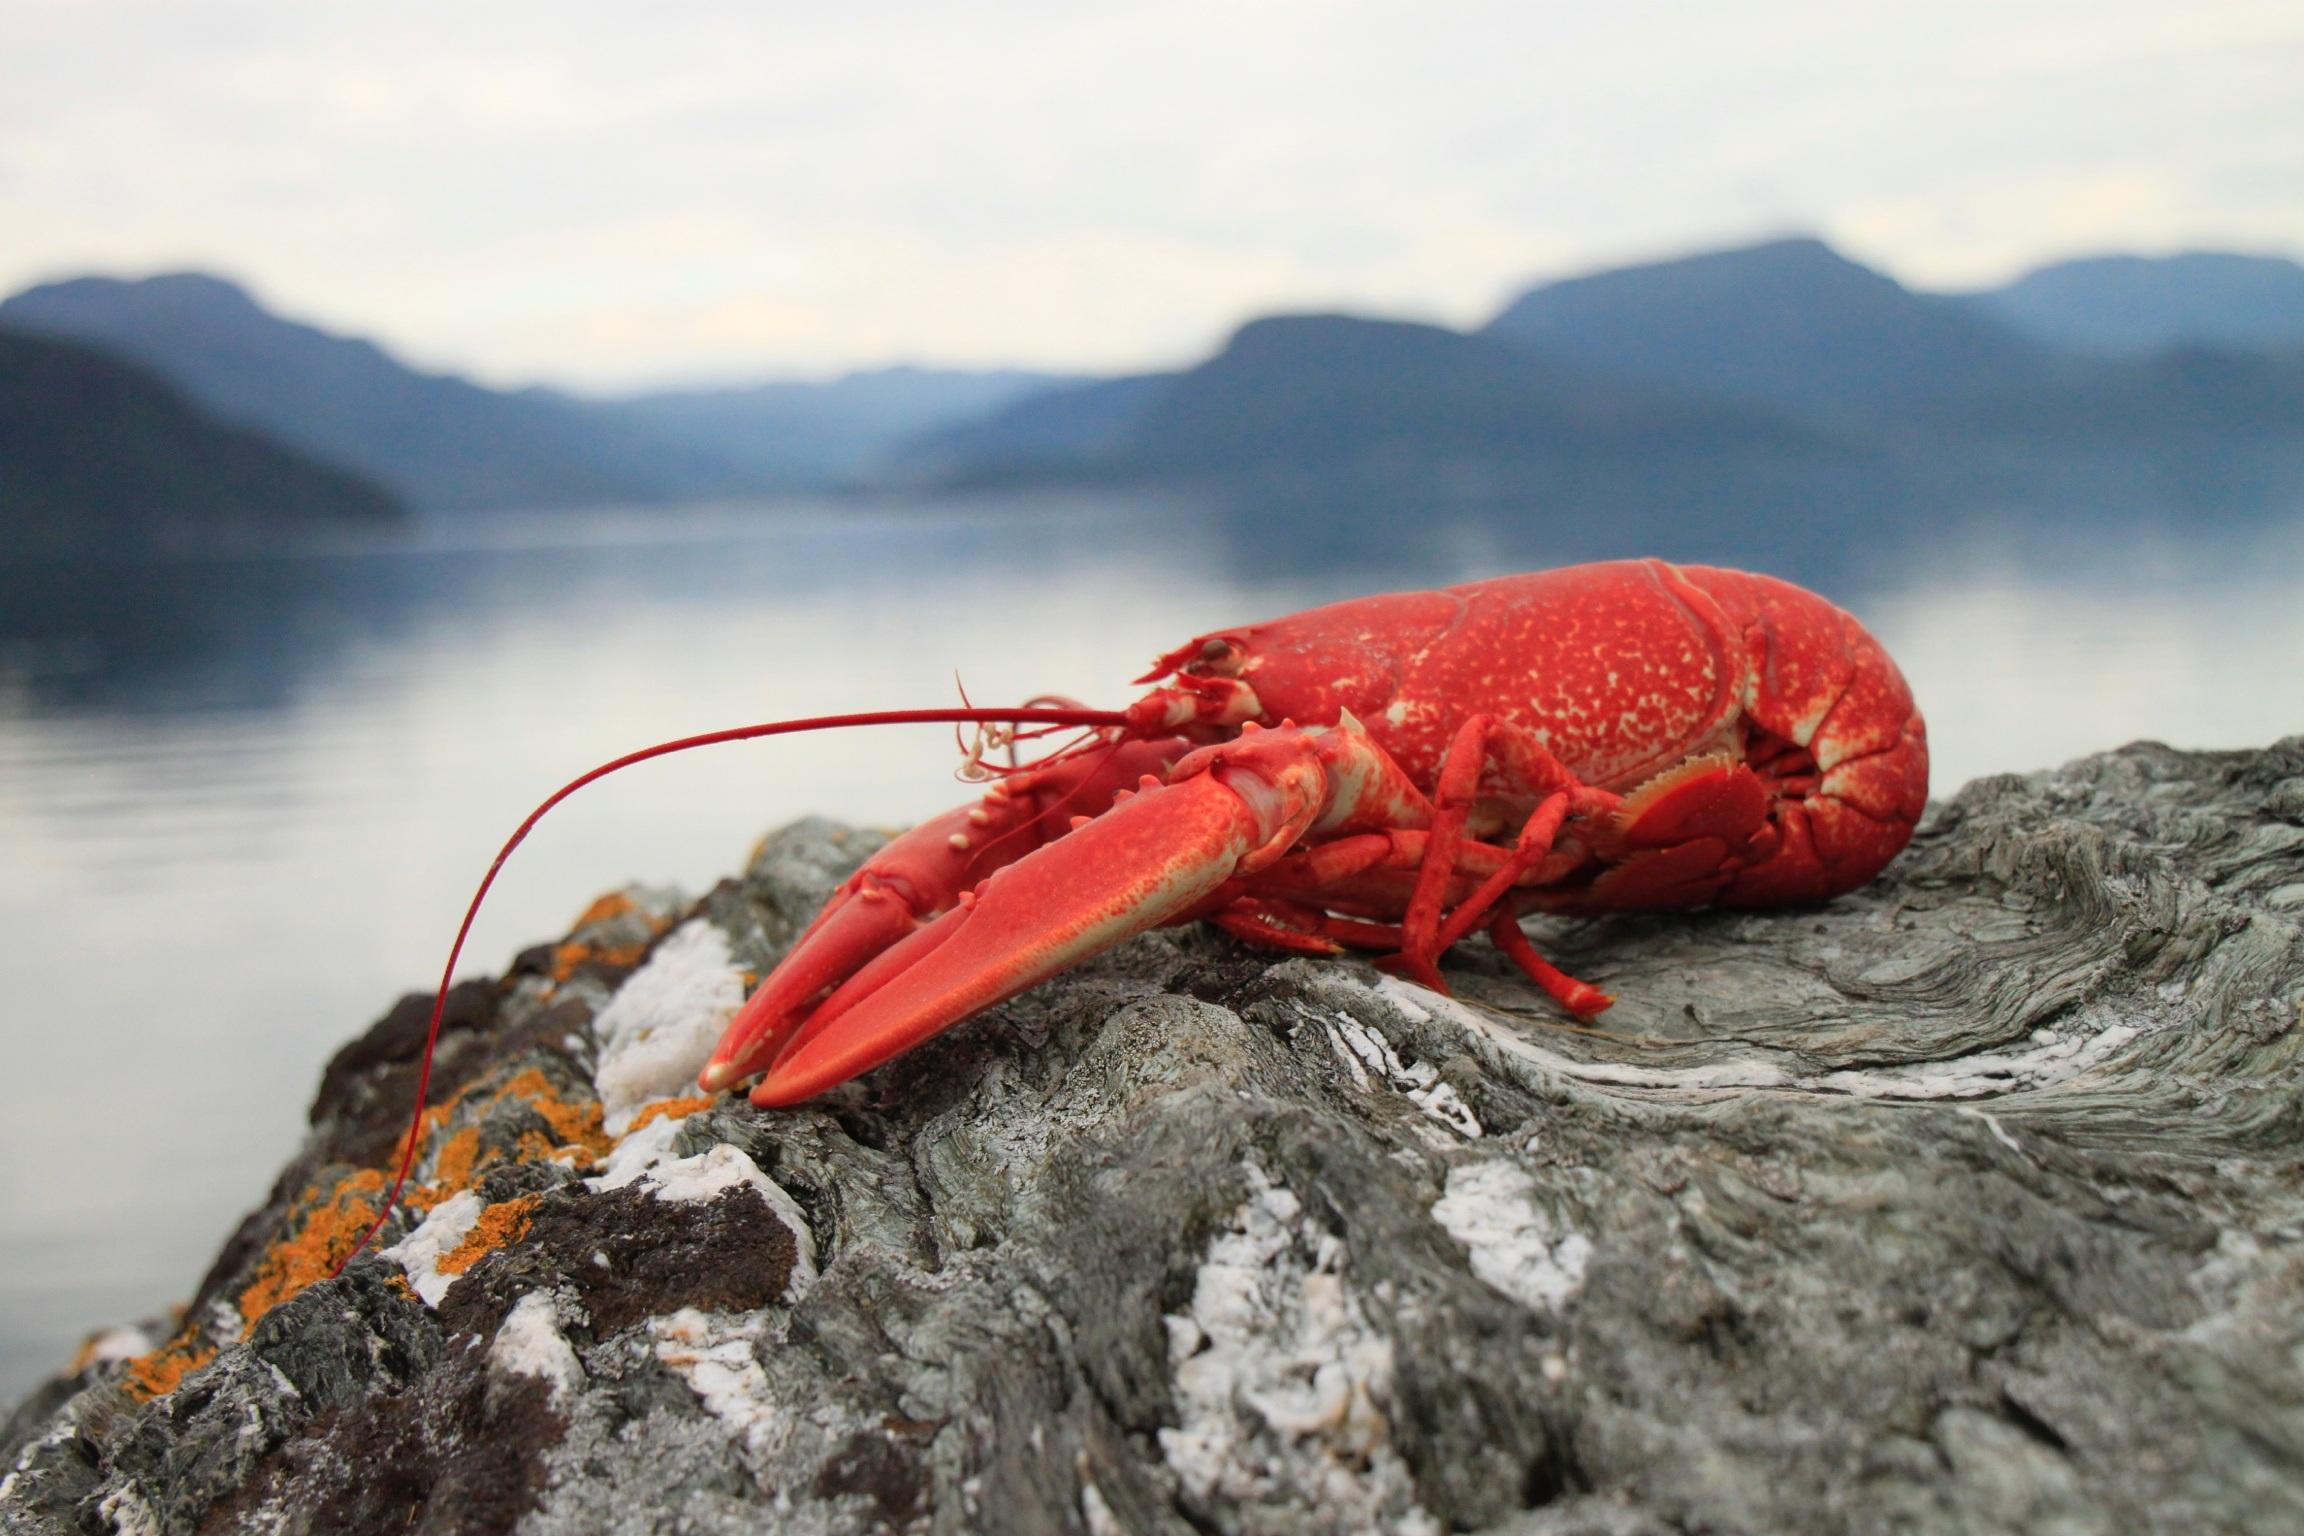 Gambar Merah Makanan Laut Olahraga Ekstrim Fauna Kepiting